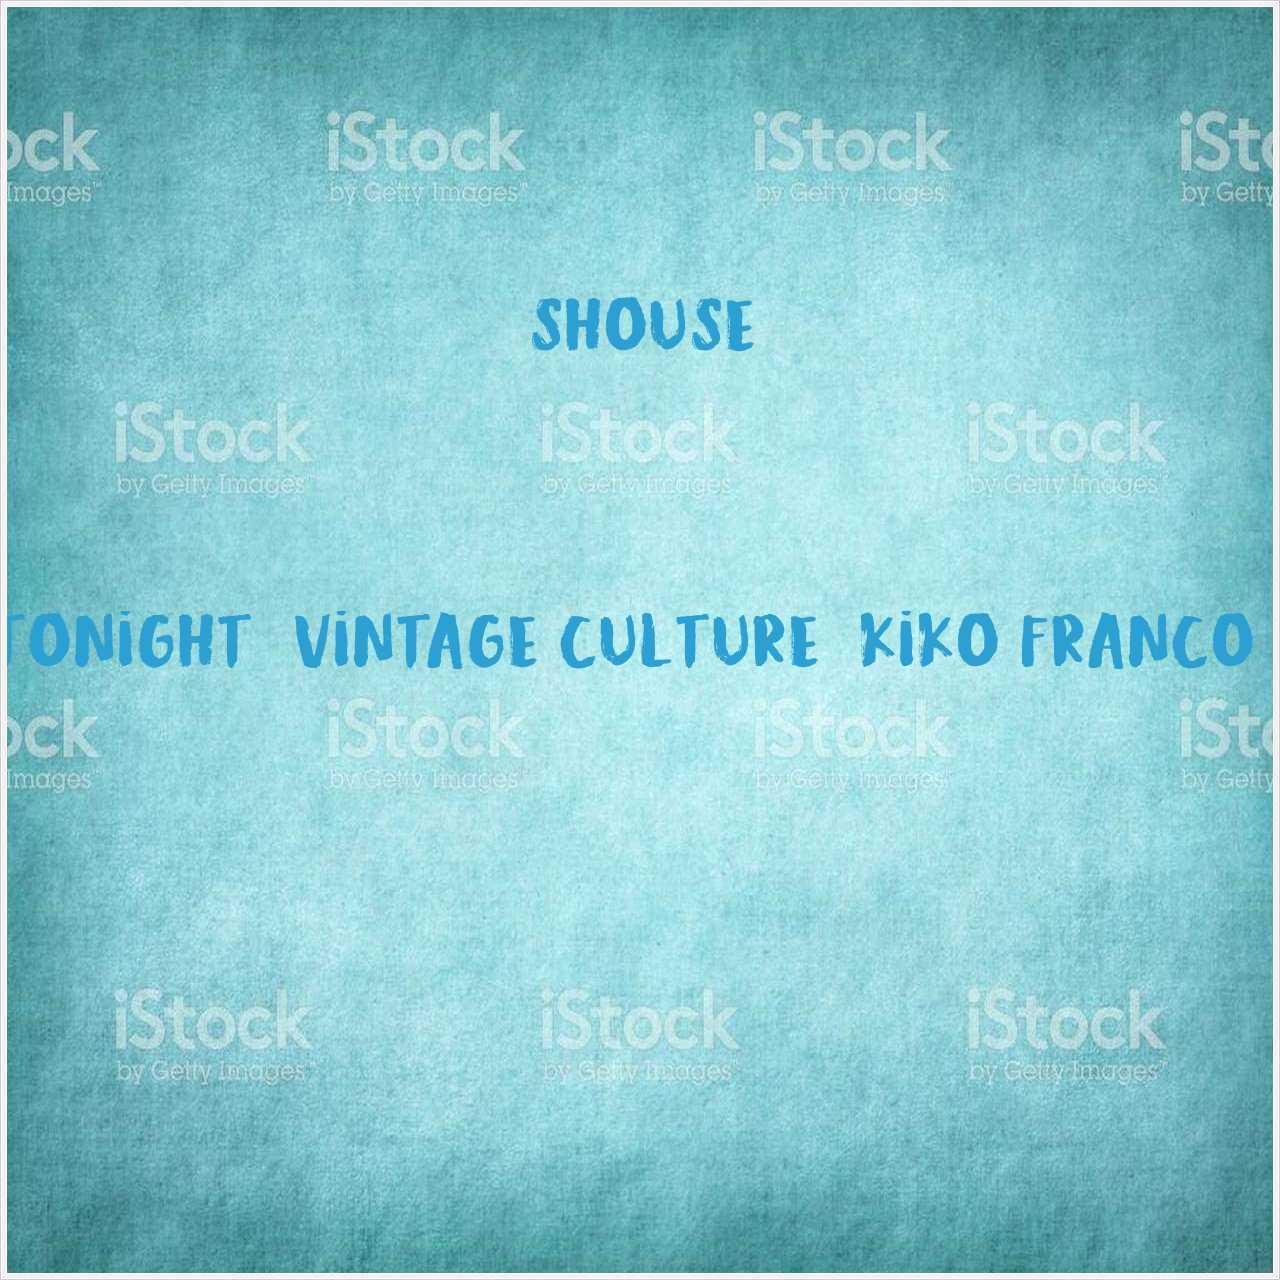 دانلود آهنگ جدید Shouse به نام Love Tonight (Vintage Culture, Kiko Franco Remix)